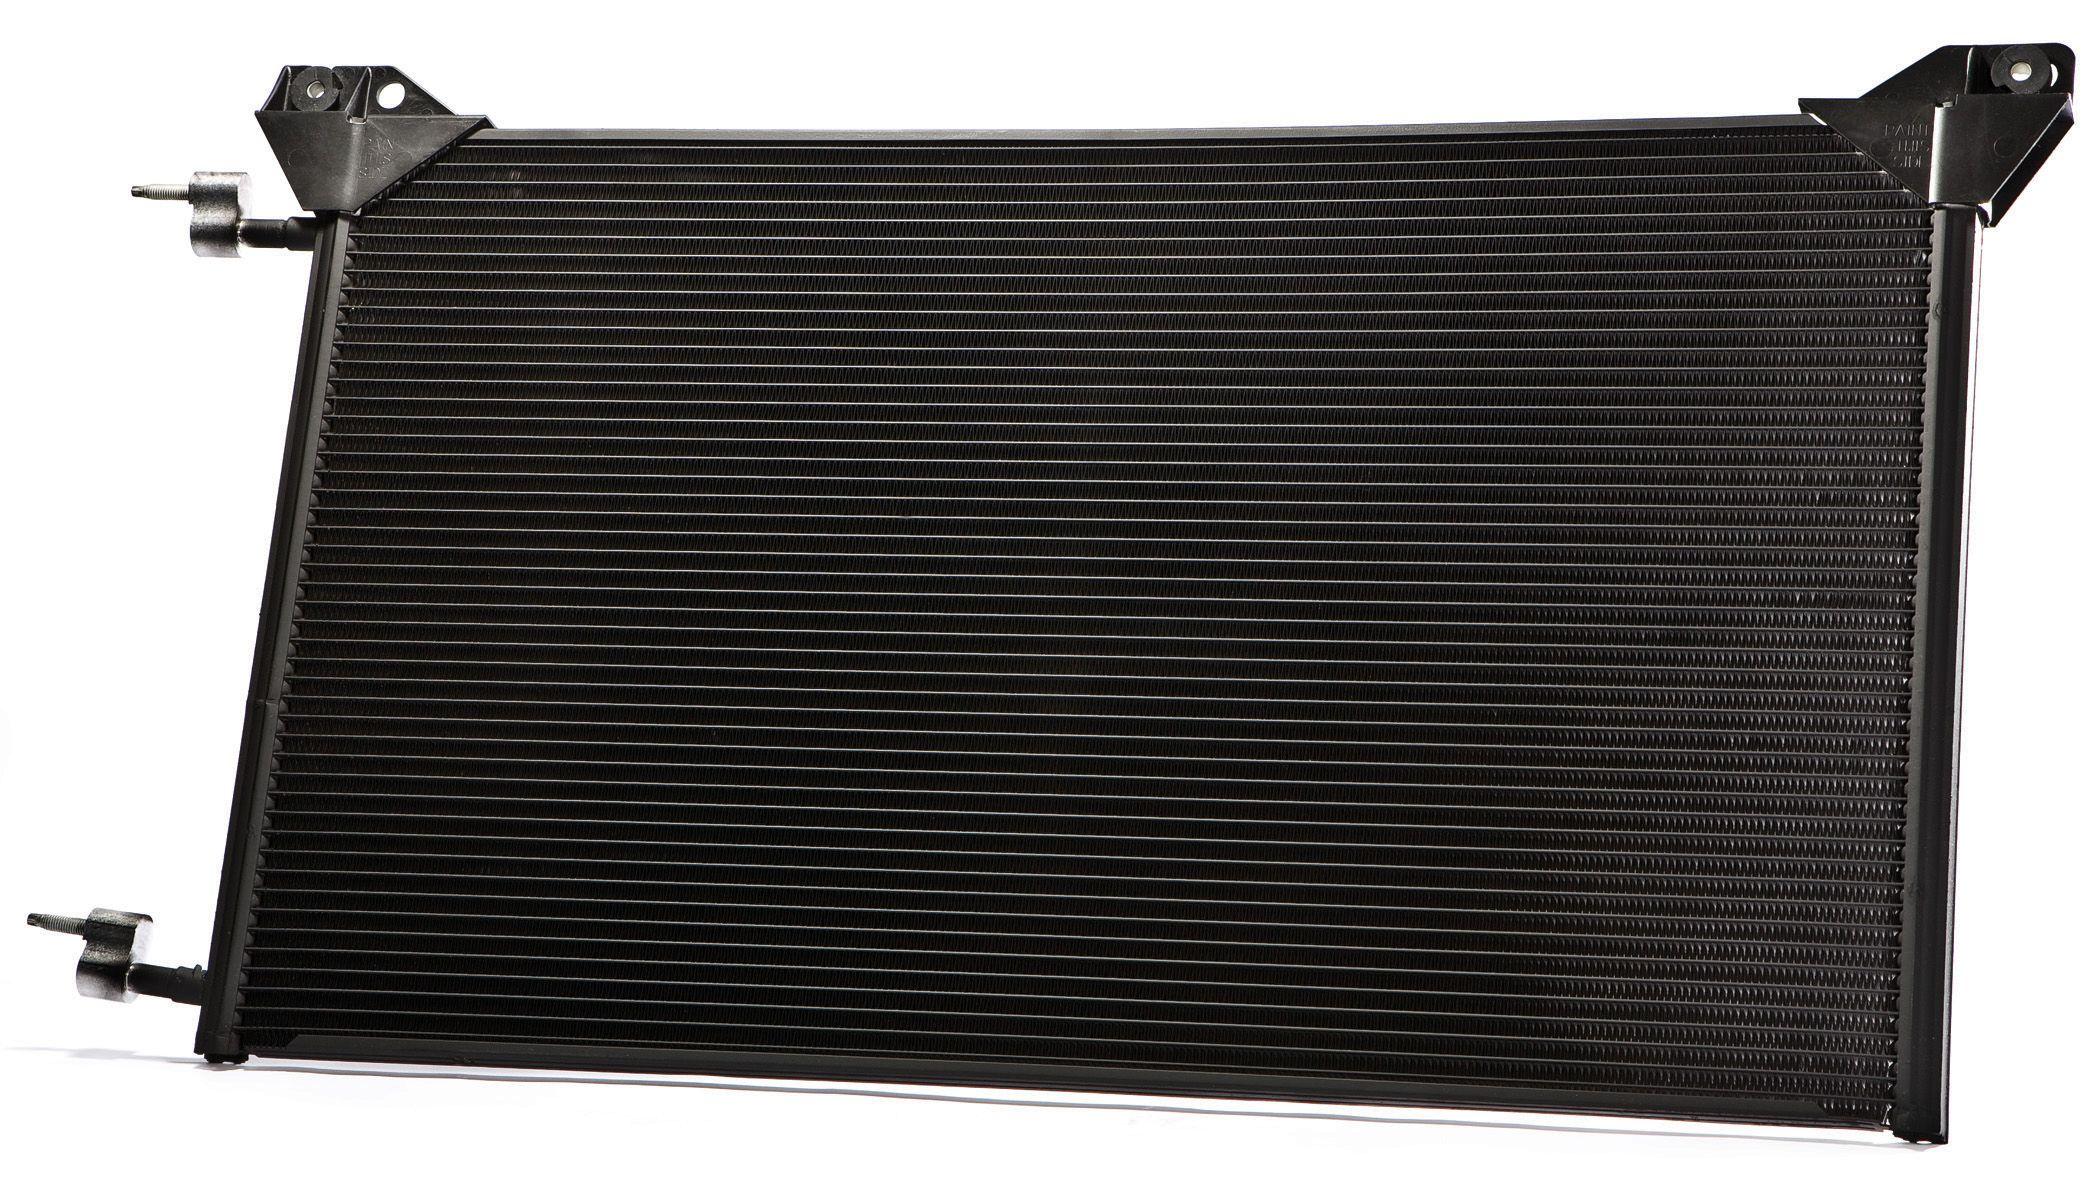 Pomen In Delovanje Kondenzatorja Klime Condensation Automotive Grill Pan